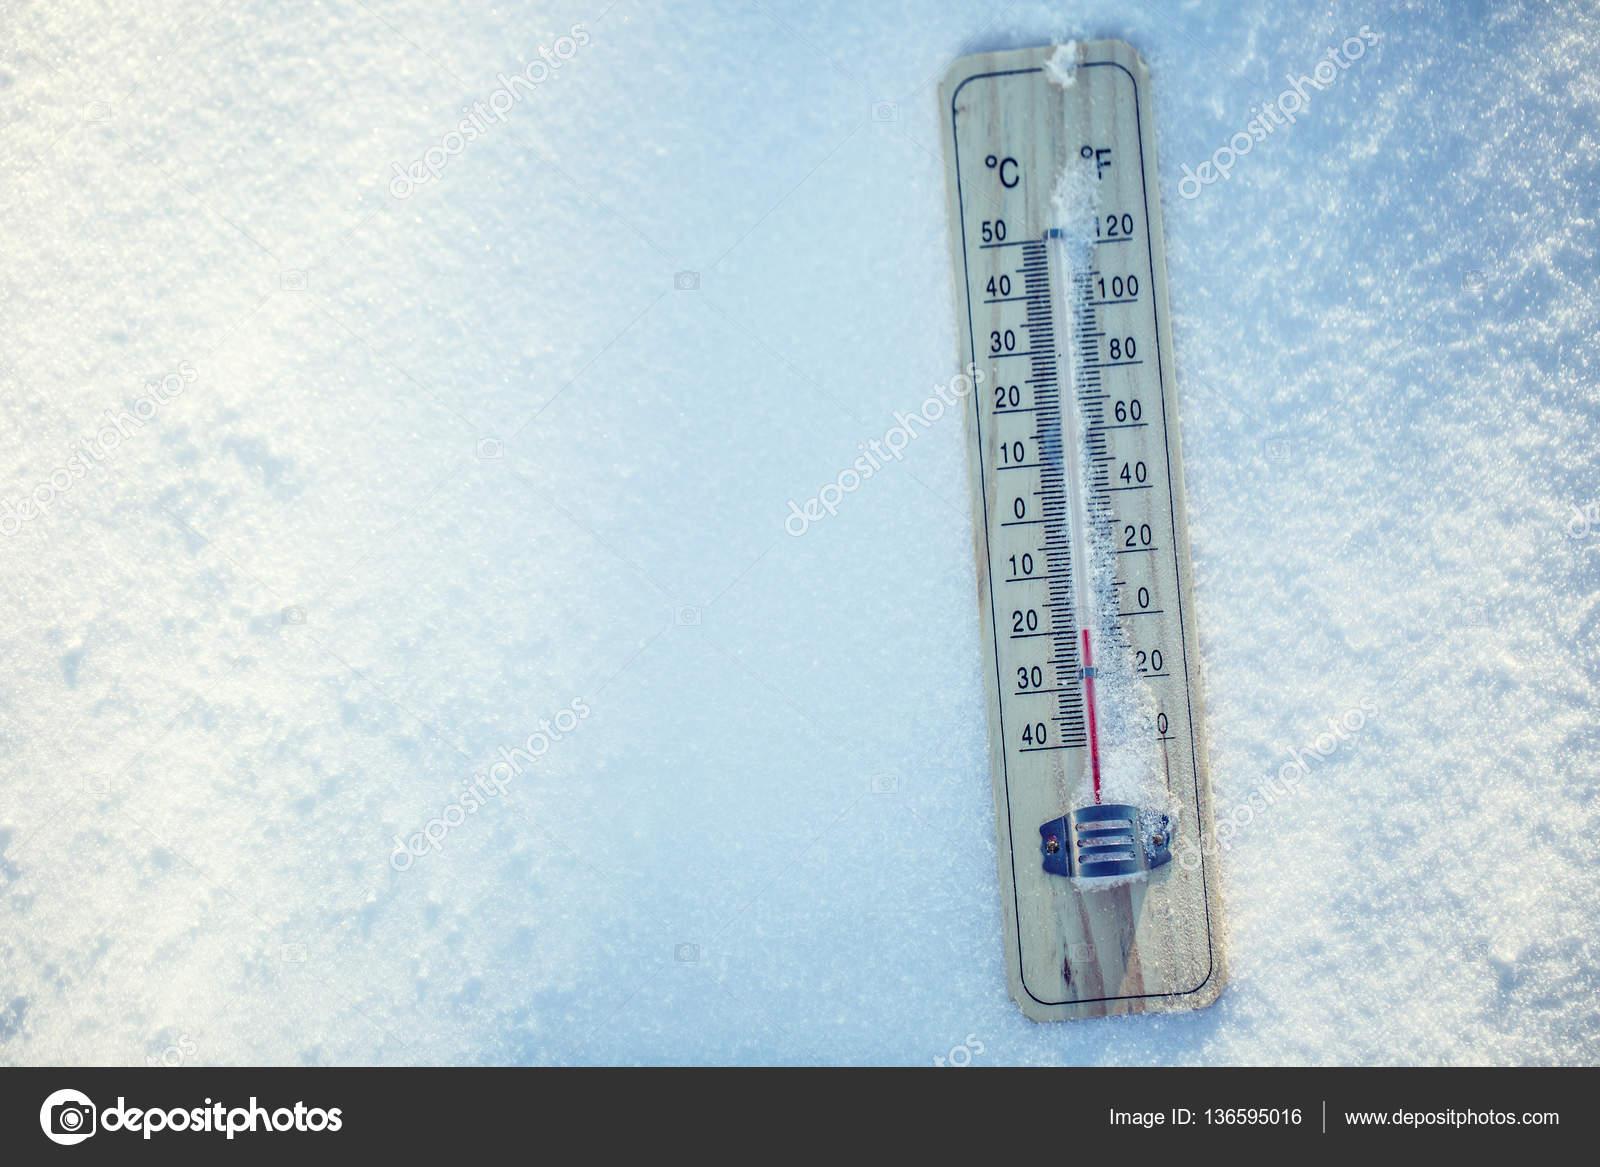 temperature degrees fahrenheit